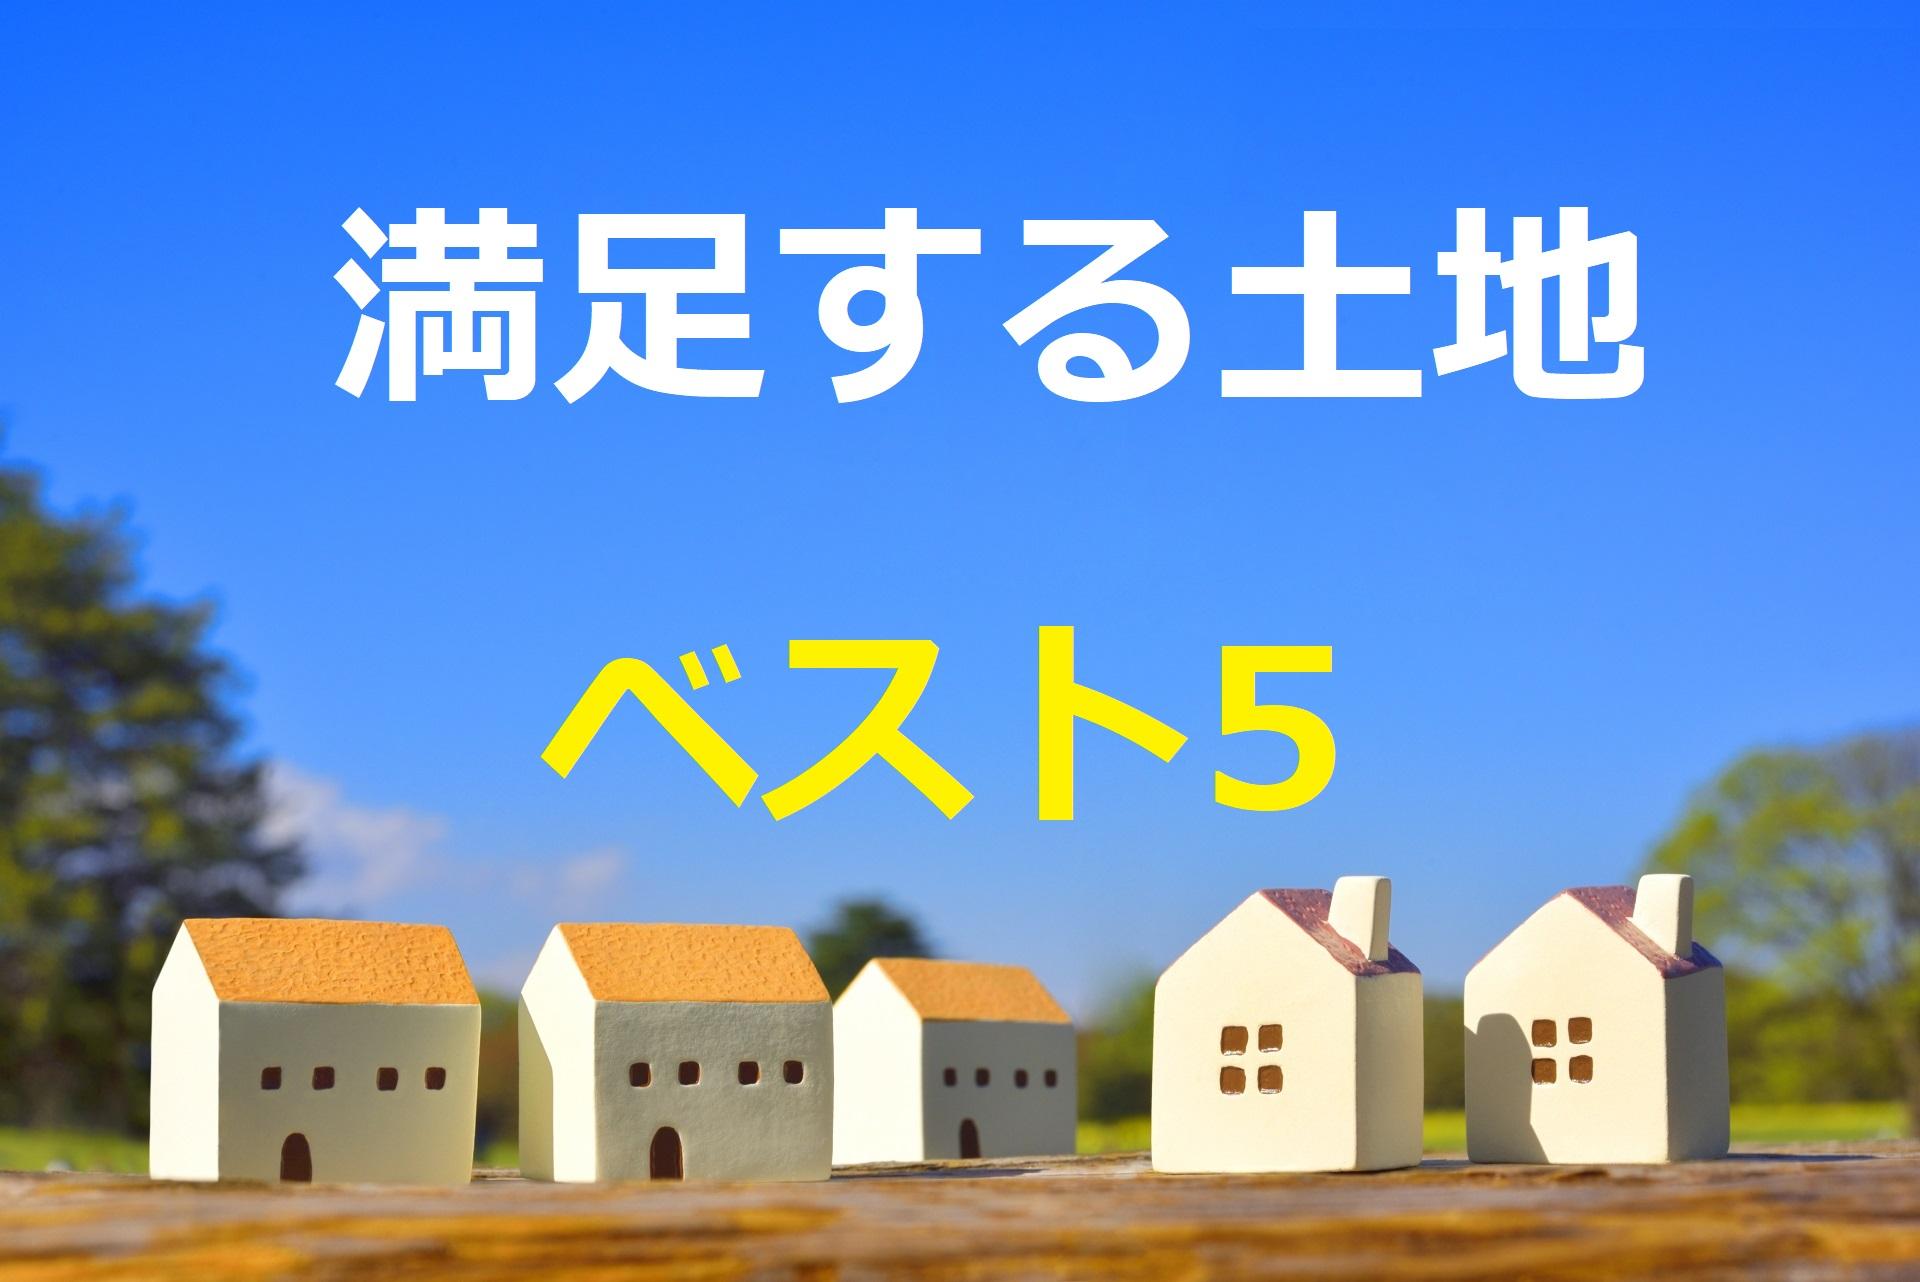 土地を選ぶ時には気を付けろ!満足する土地ベスト5を教えます!